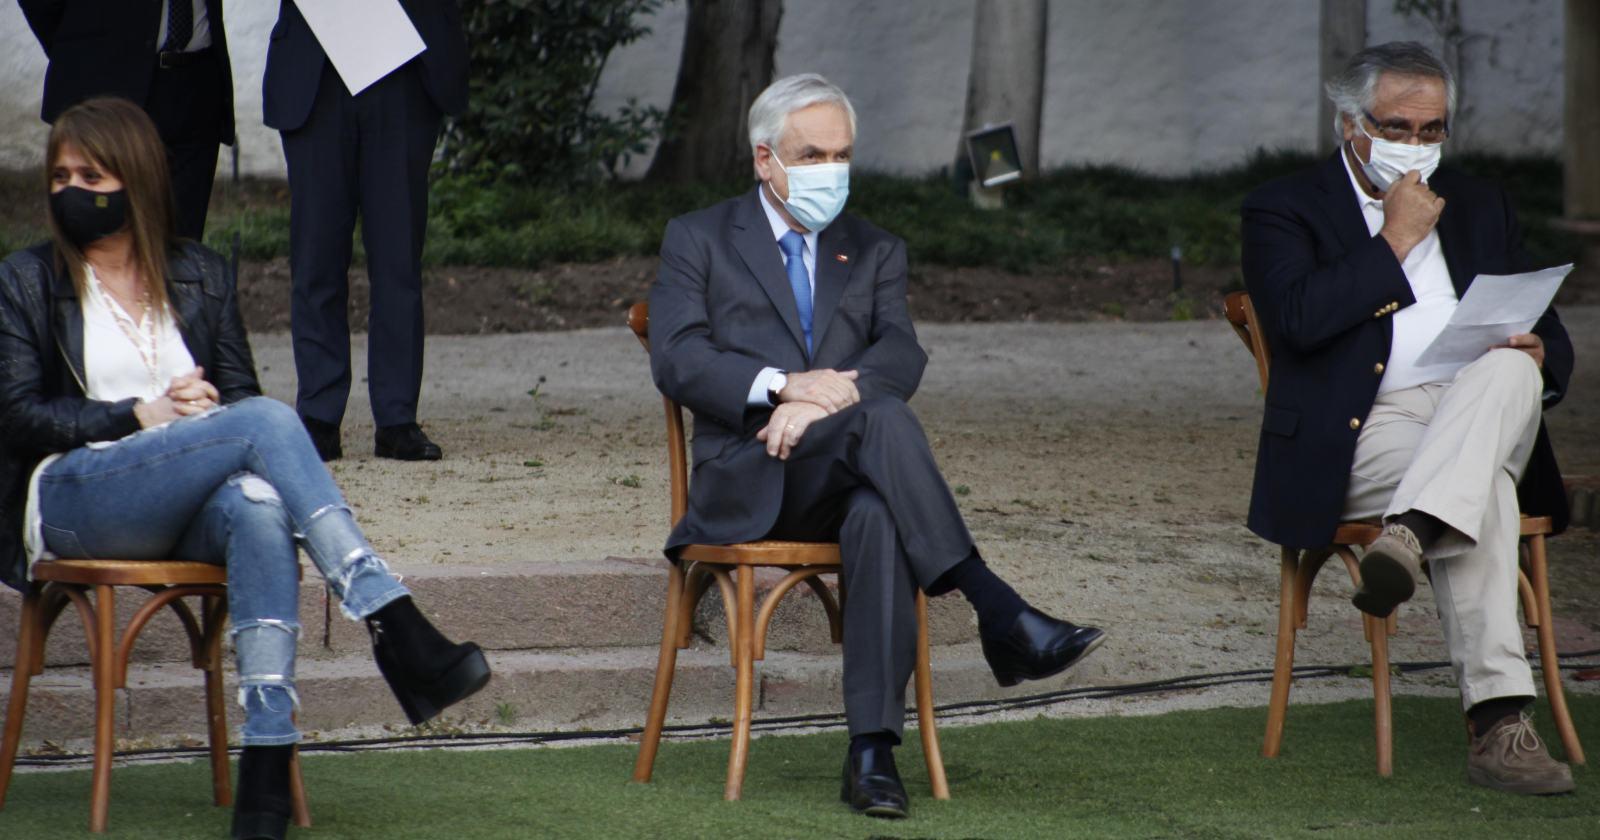 Piñera apunta a unidad de Chile Vamos y división en la oposición tras plebiscito